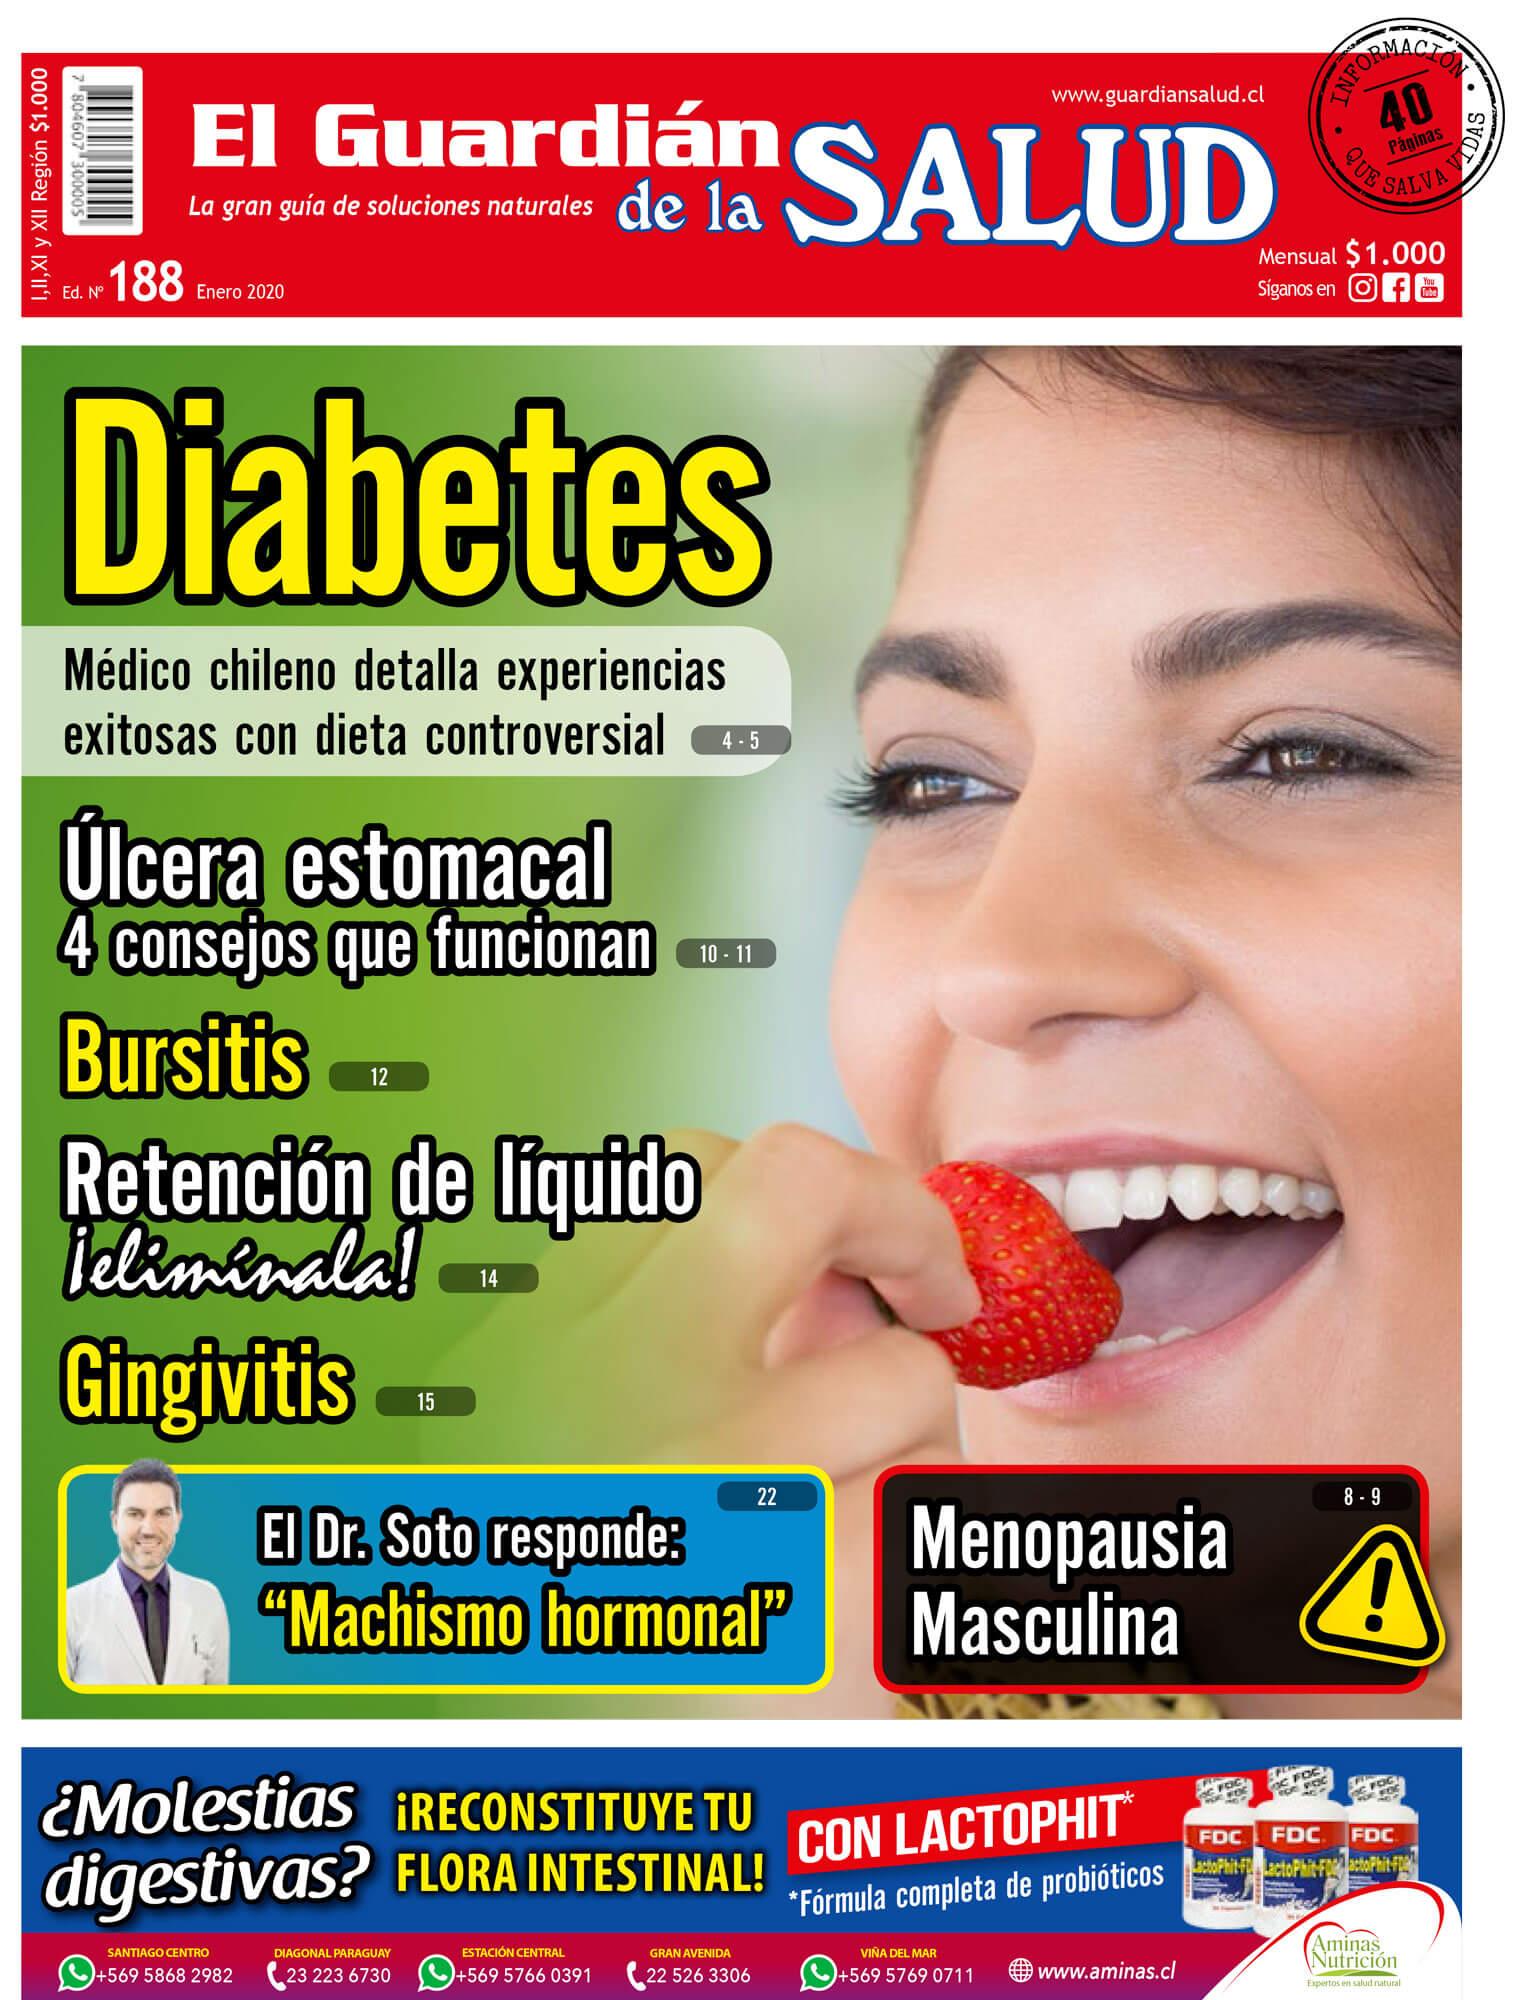 Edición 188 Diabetes: Tratamiento con dieta controversial- El Guardián de la Salud Digital